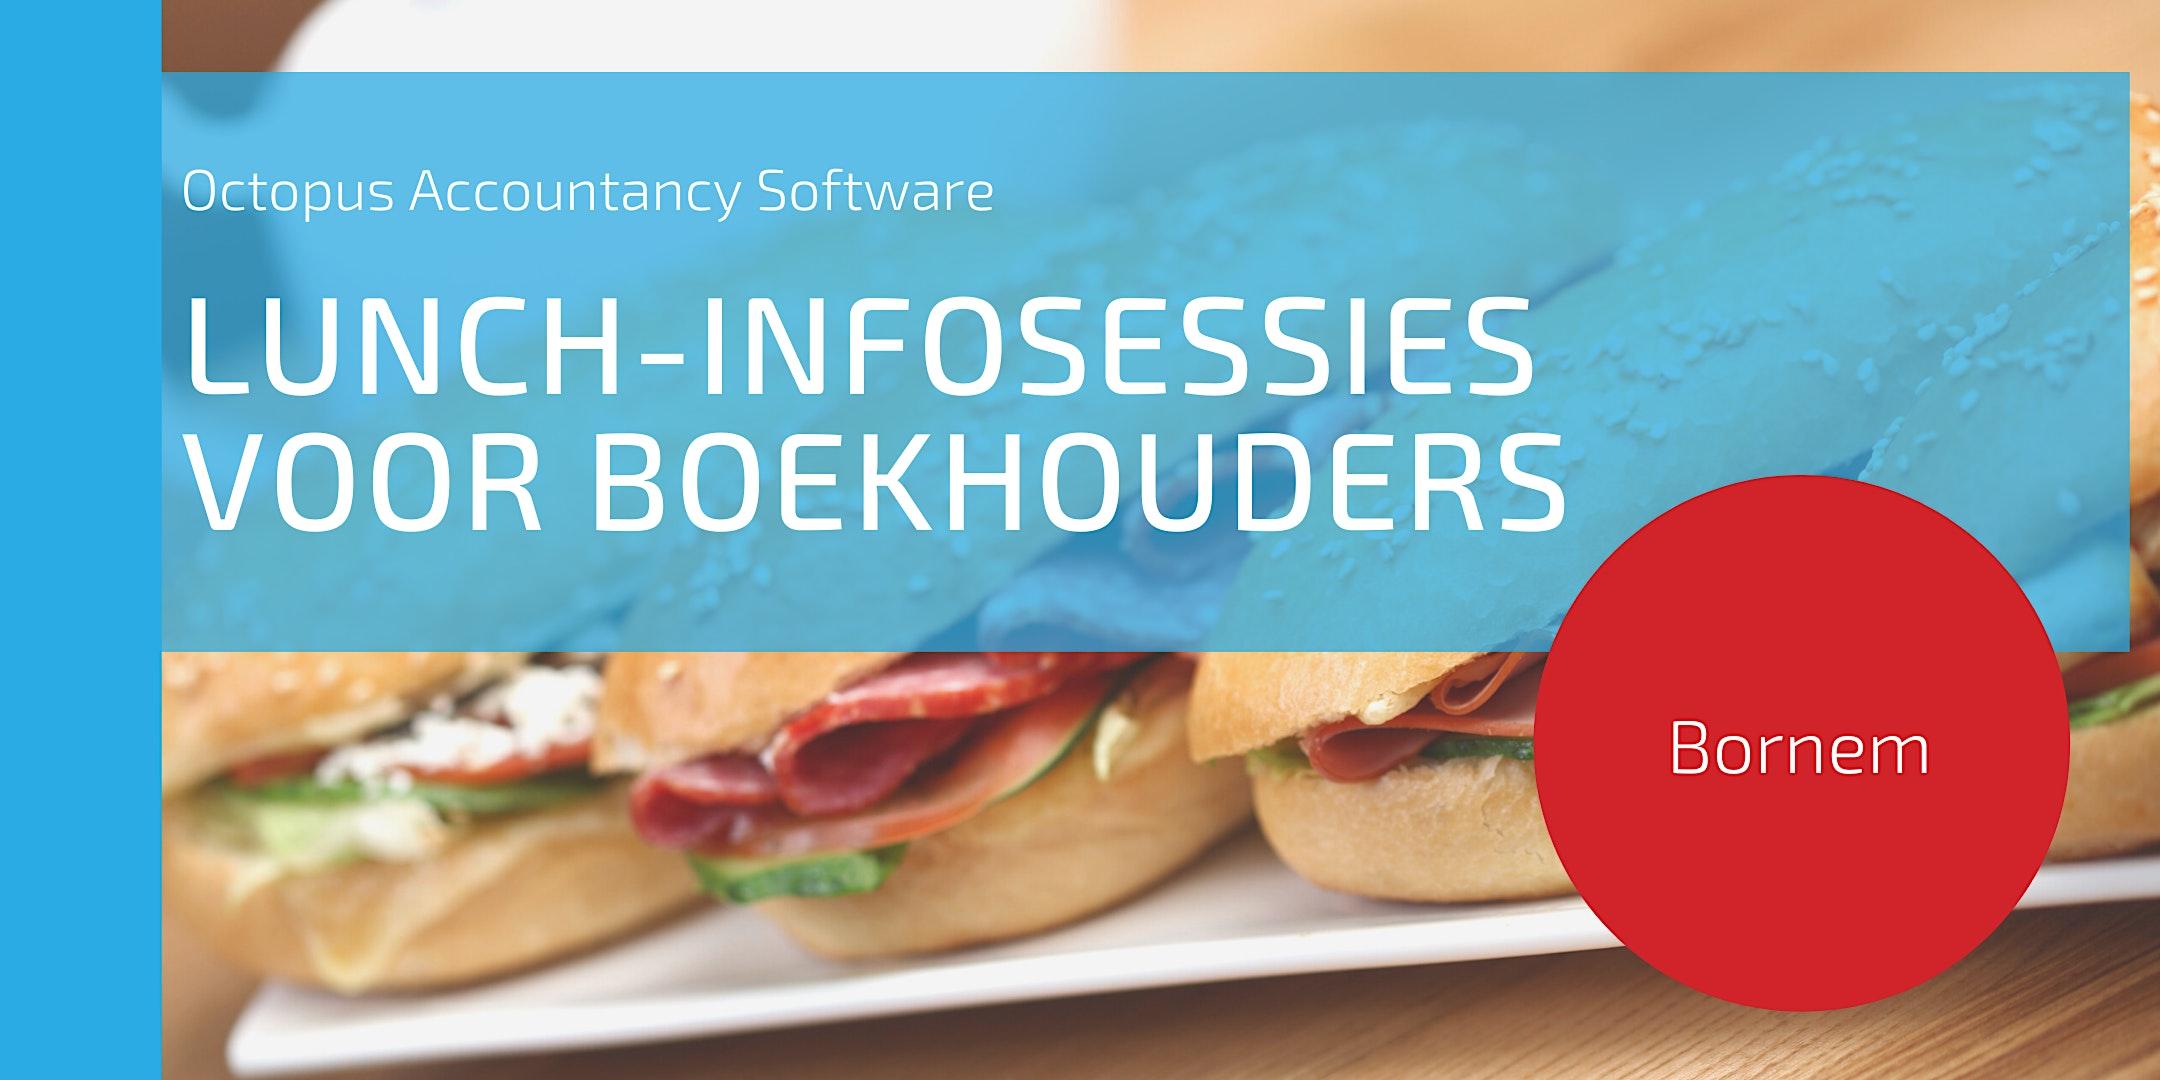 Bornem: Lunch-infosessie voor boekhouders